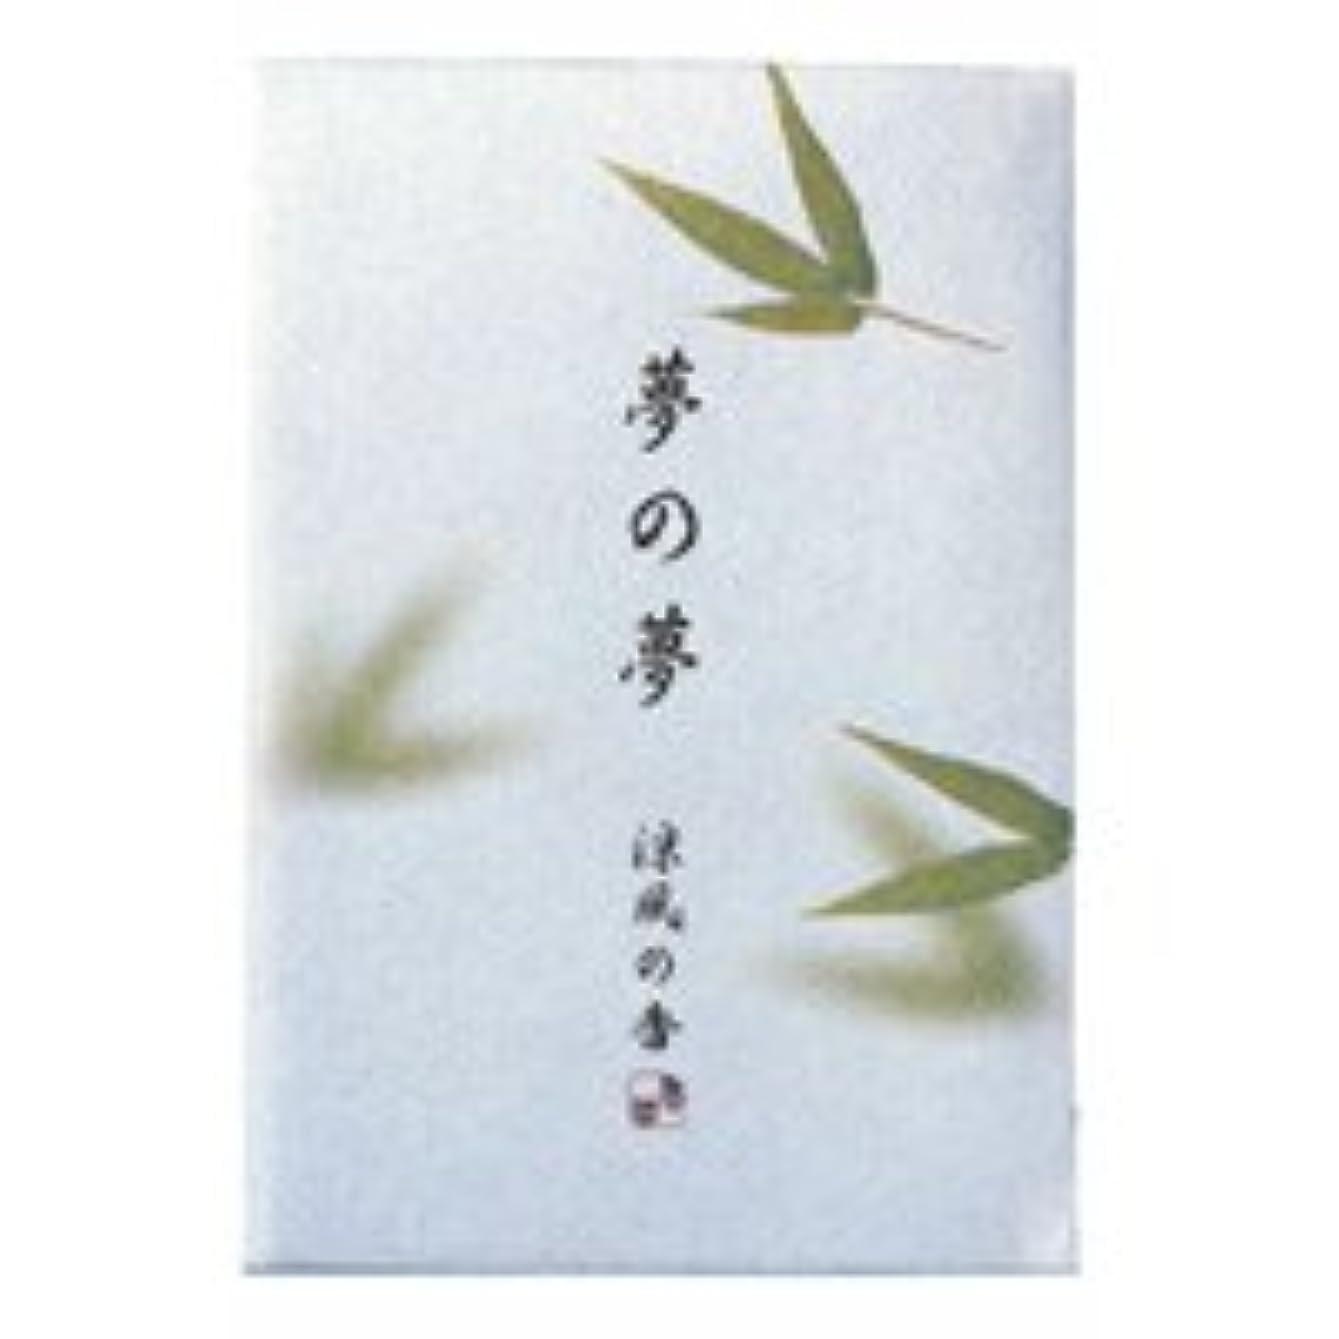 窒息させる私たちのもの折る日本香堂 夢の夢 涼風の香(すずかぜ) お香 スティック 12本